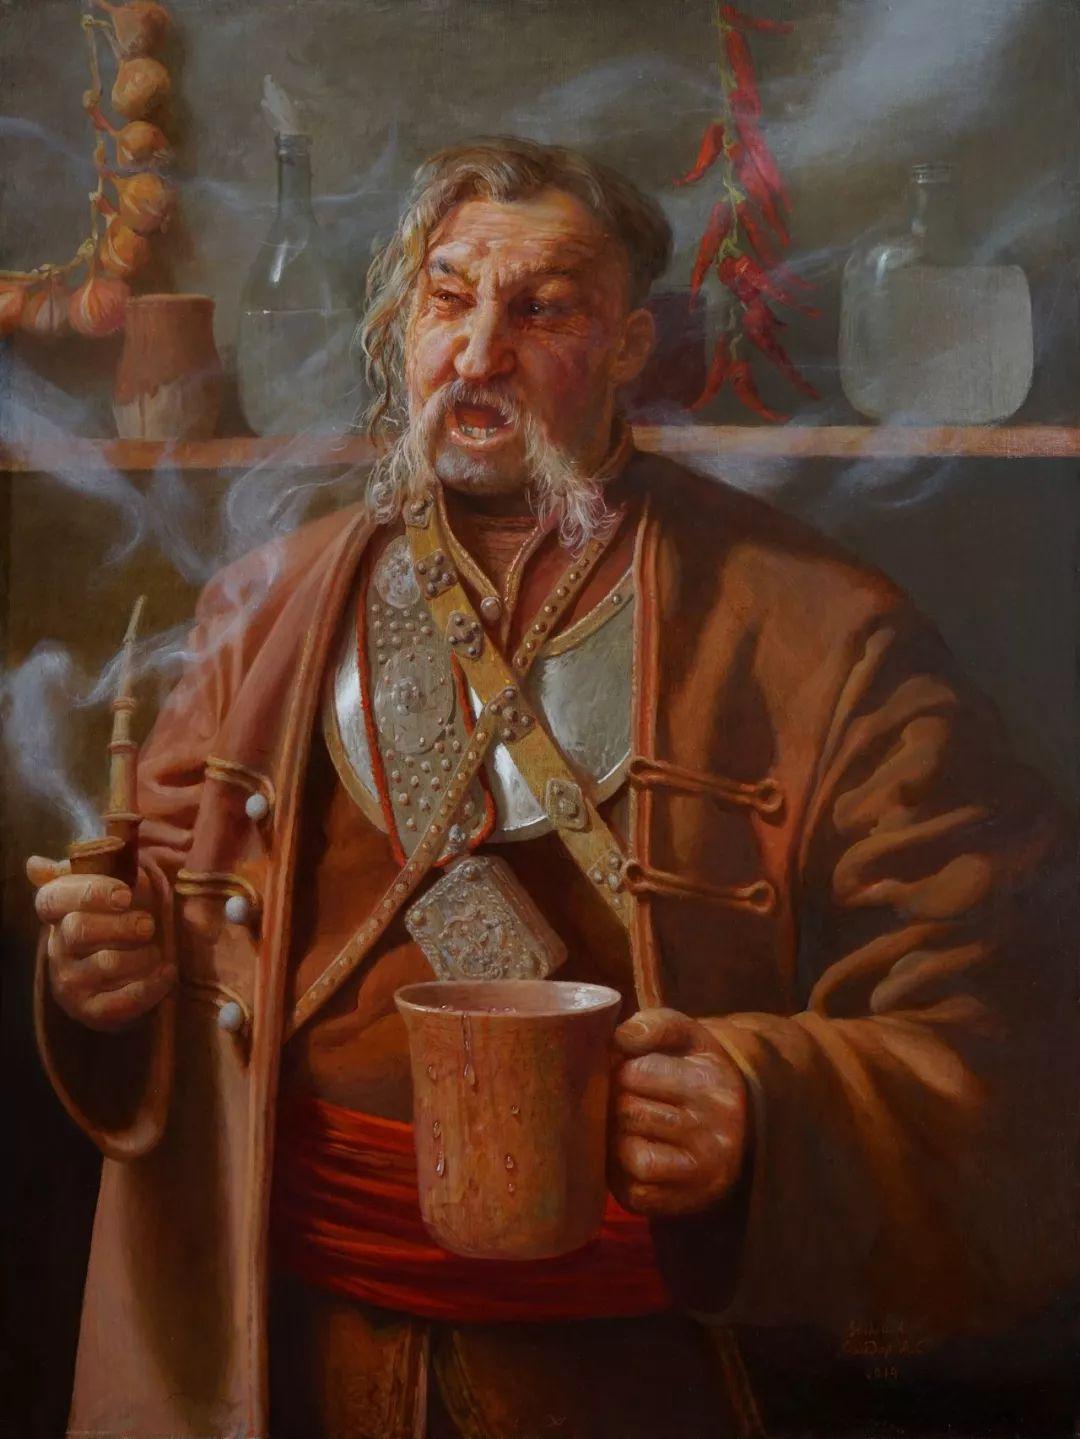 梦幻写实风景,俄罗斯画家亚历山大·赛义多夫作品二插图45